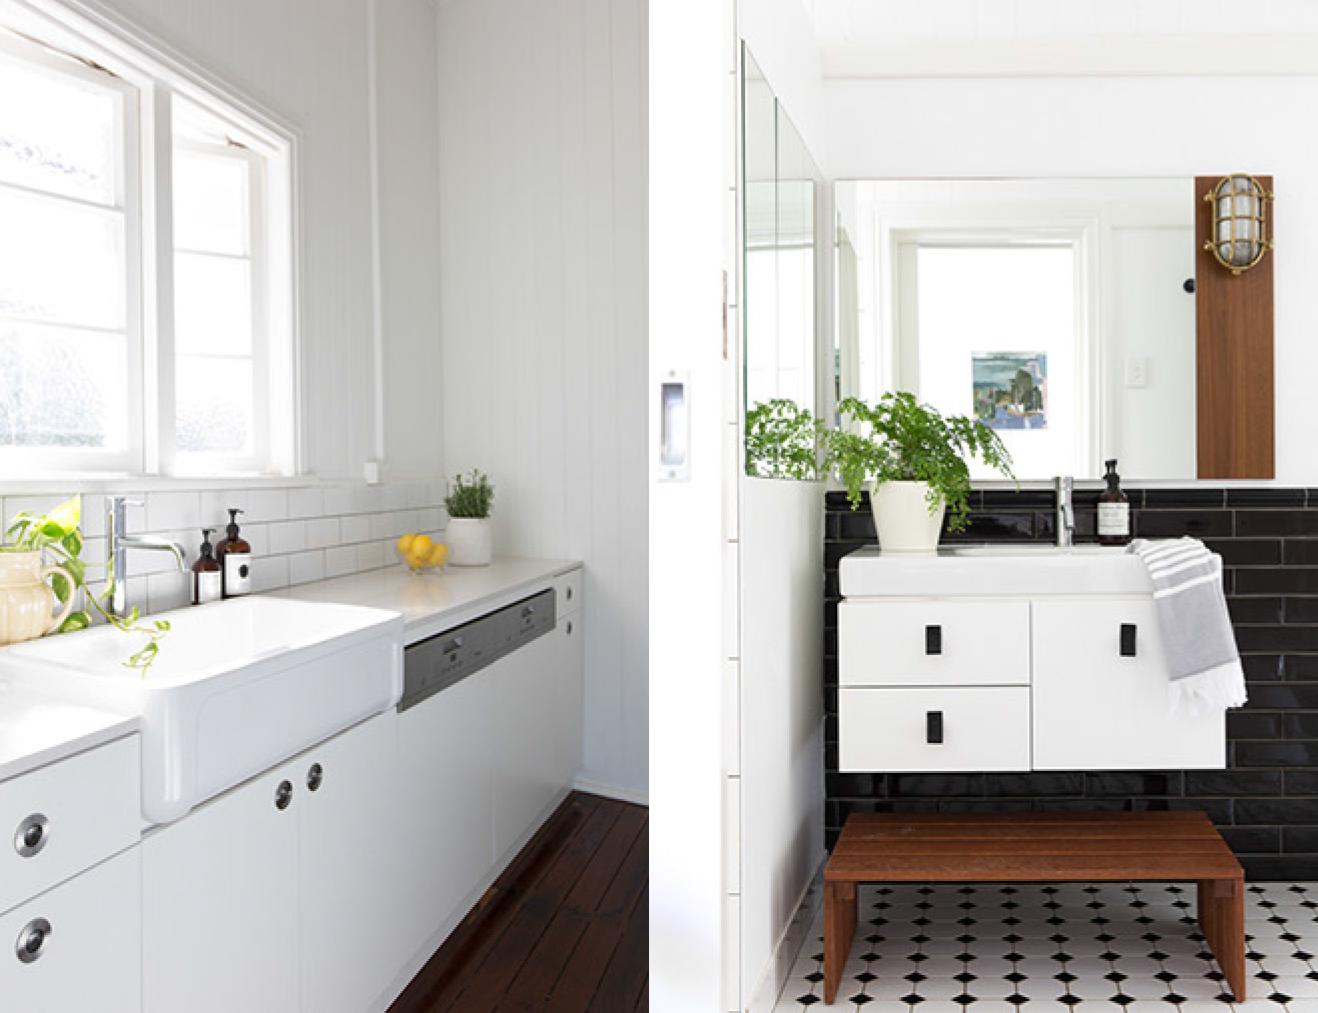 bayside_bathroom-and-larder